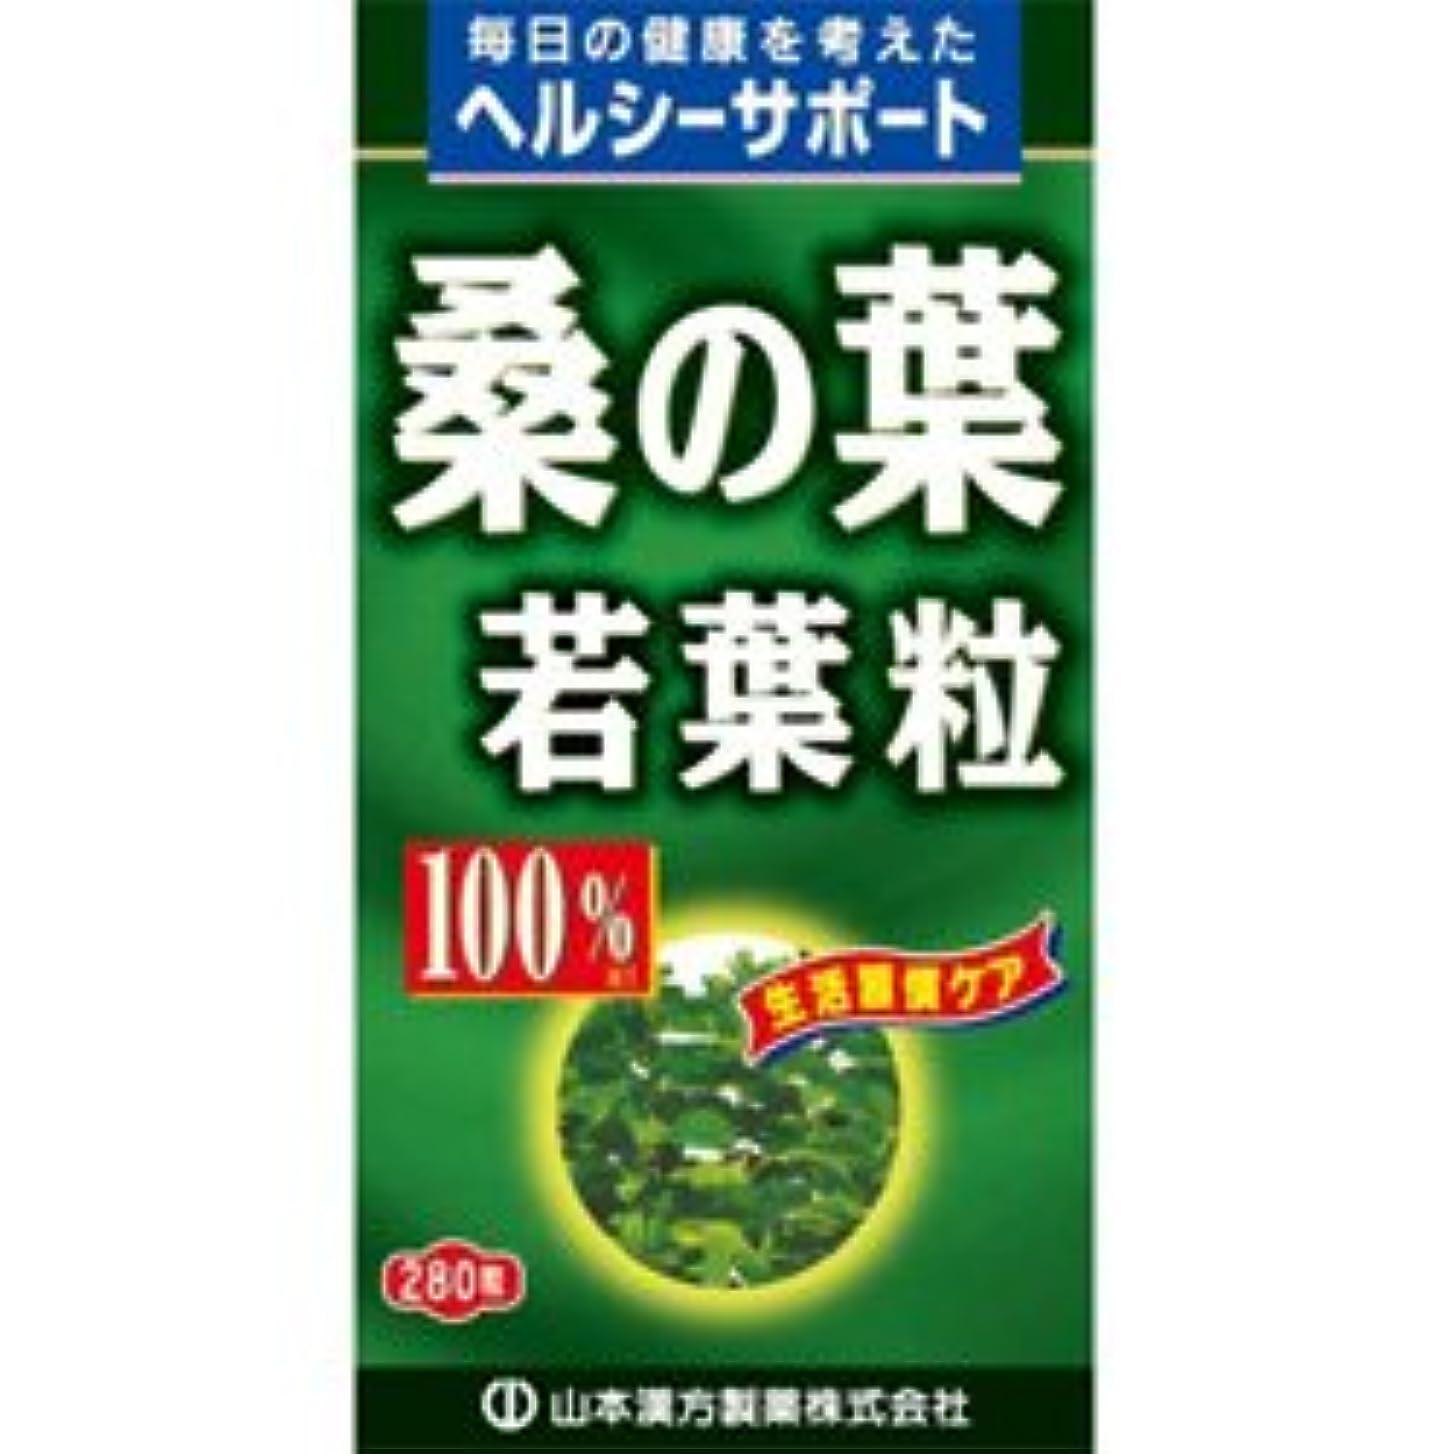 独立男らしいホームレス【山本漢方製薬】桑の葉粒 100% 280粒 ×10個セット